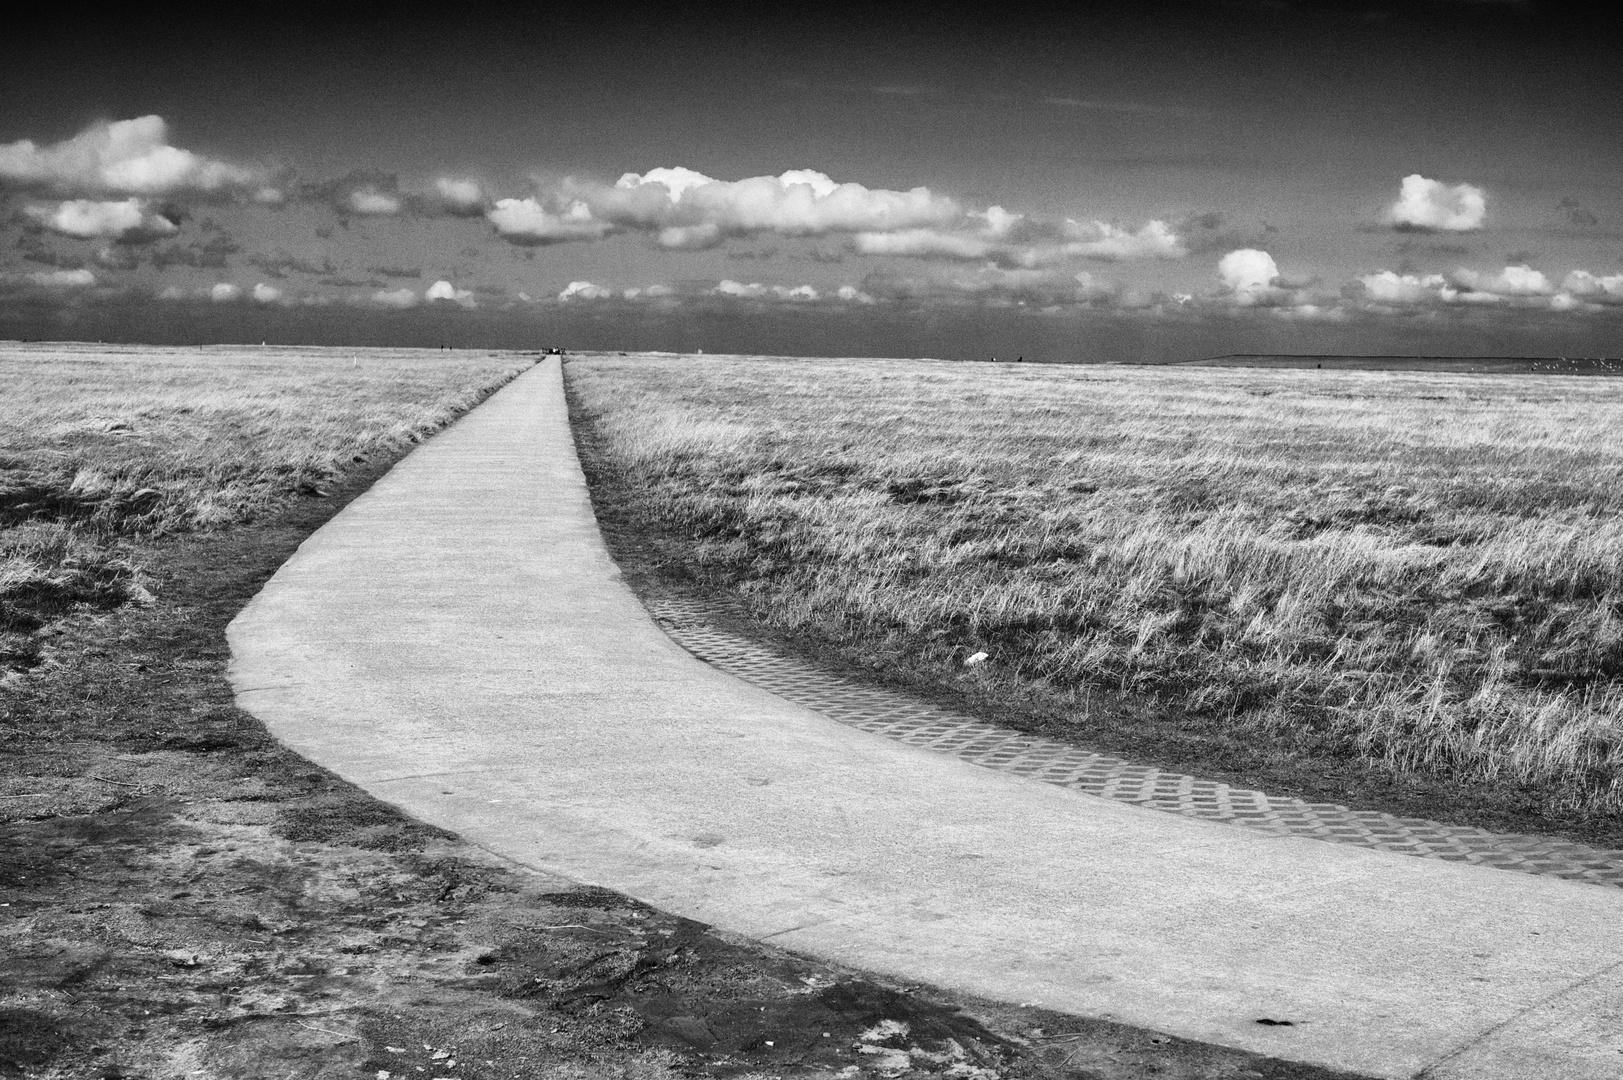 Der ewige Weg